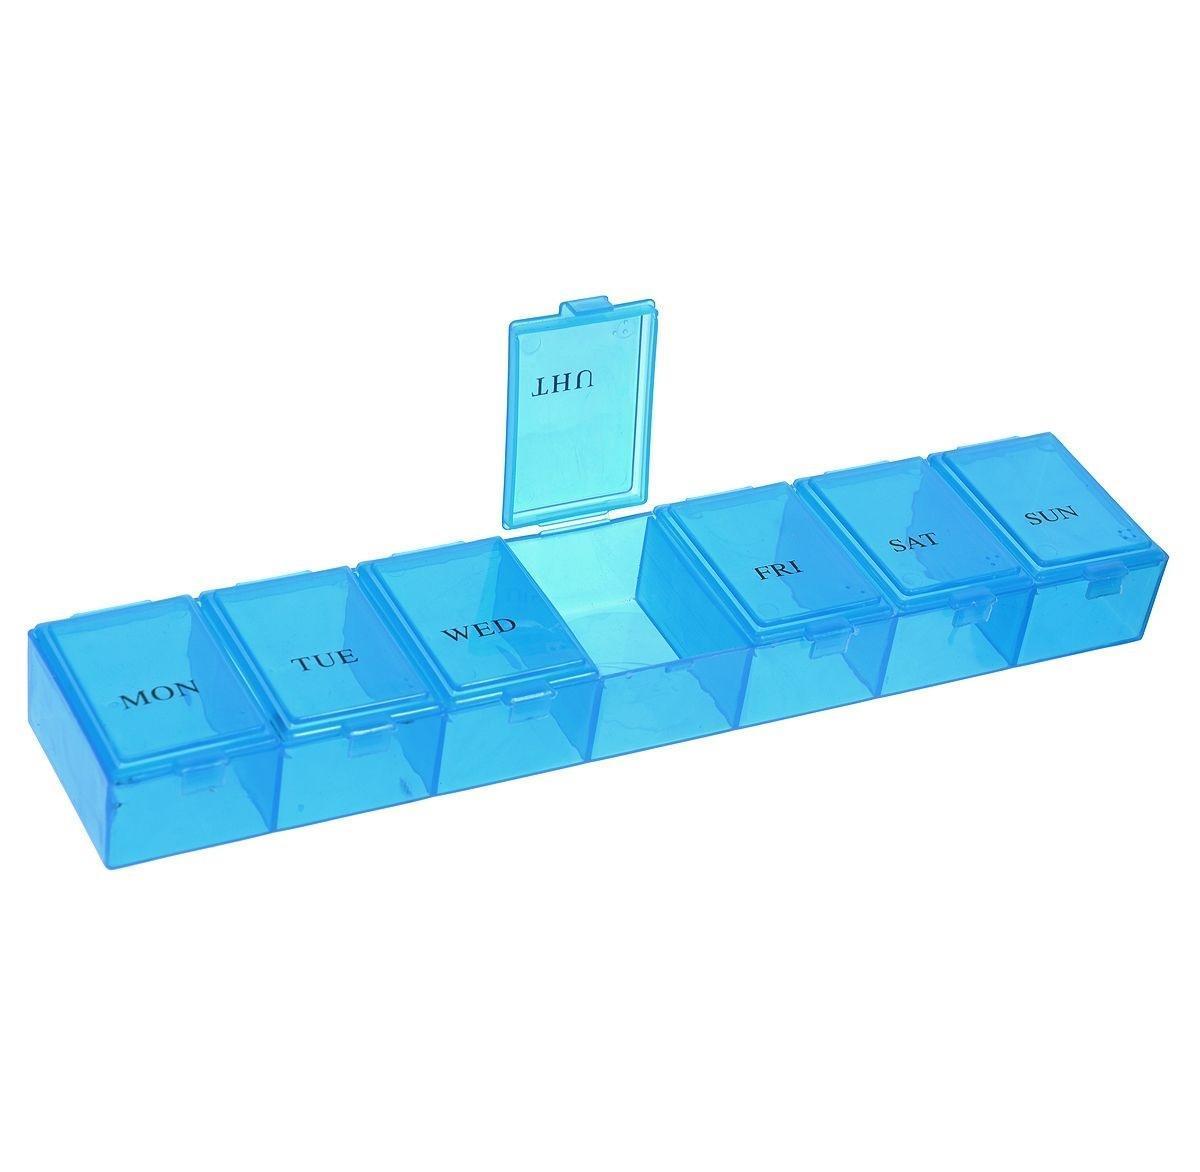 Таблетница Hobby & Pro, 23 х 4,7 х 3 см. 77042867704286Контейнер для таблеток с 7 отделениями на каждый день недели.